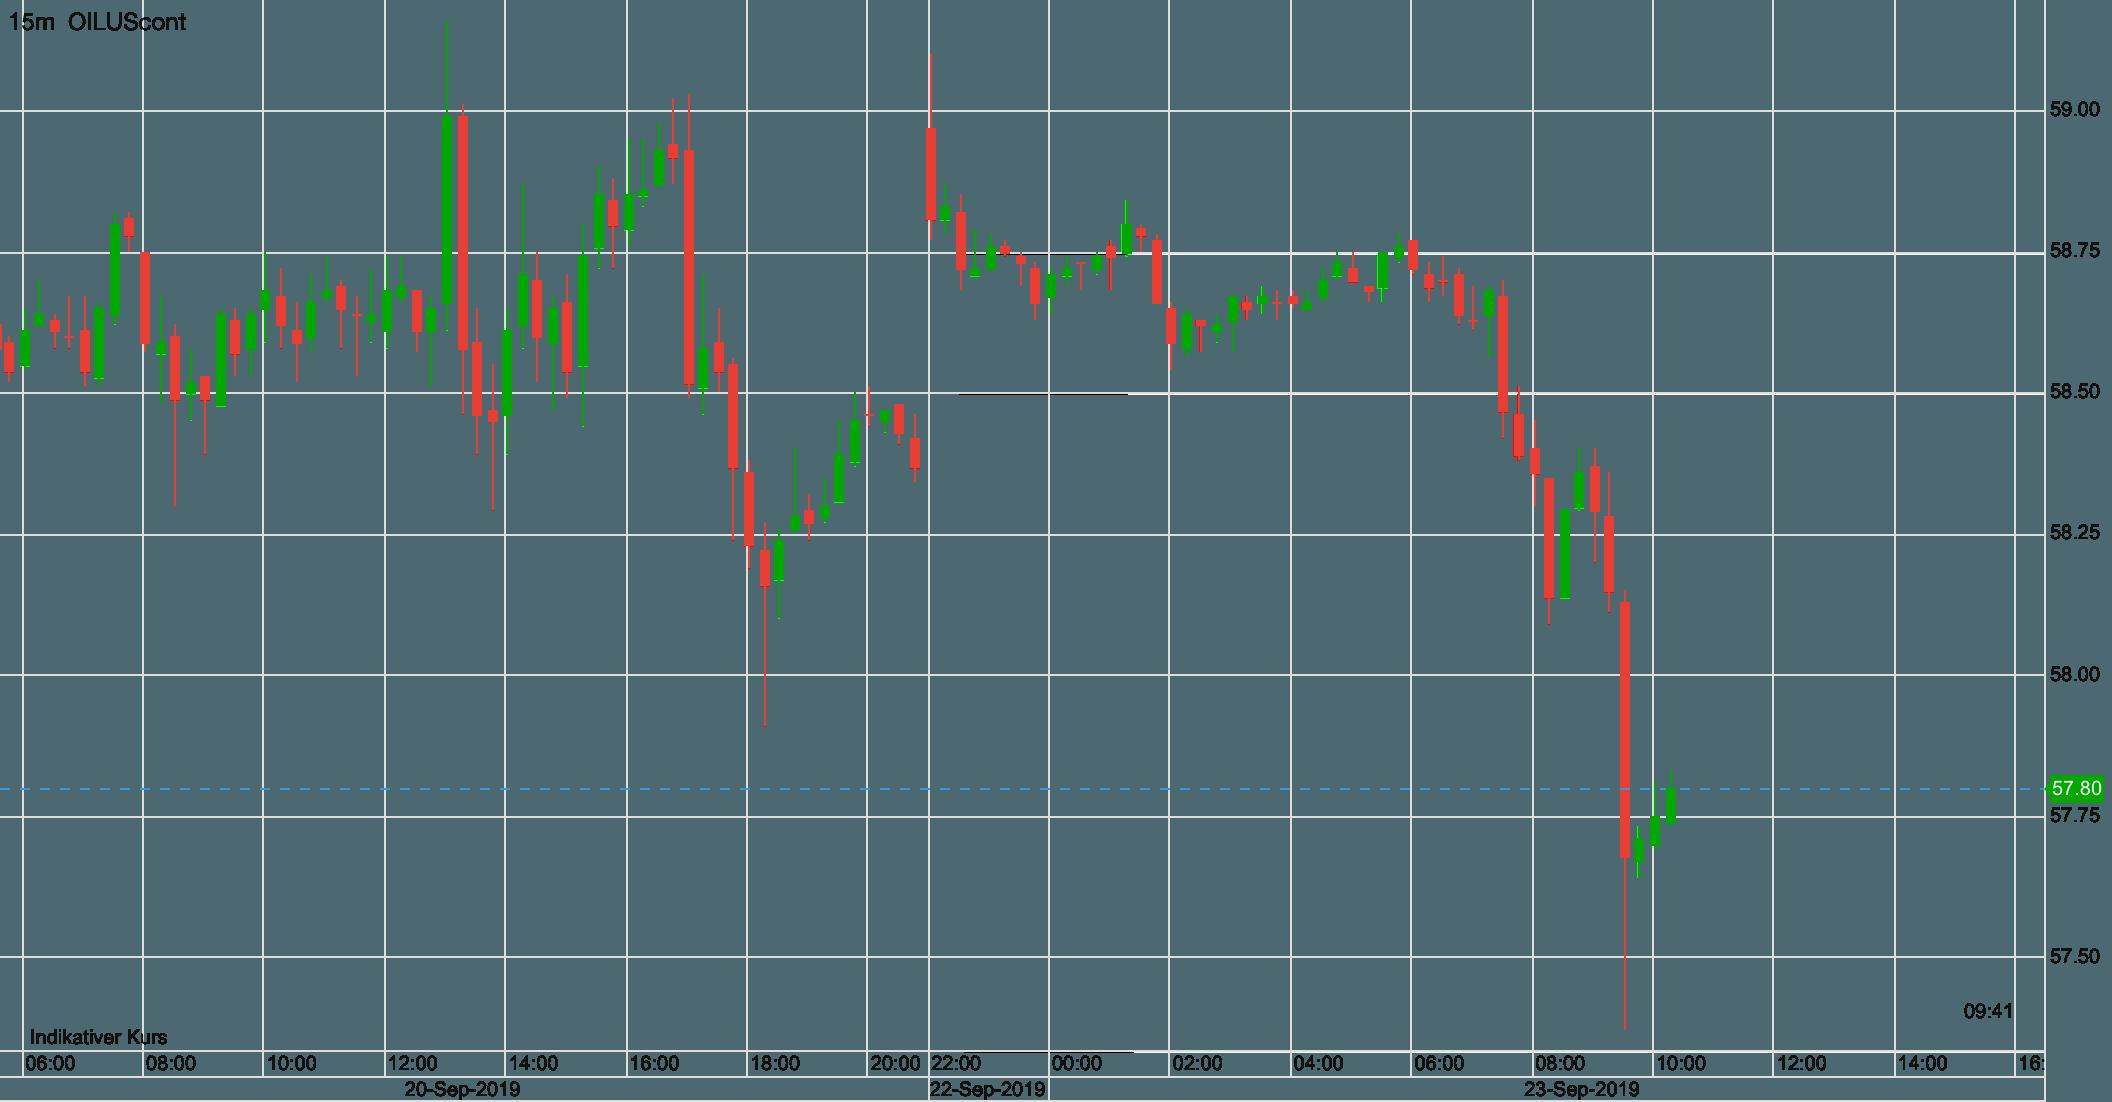 Ölpreis seit Freitag früh